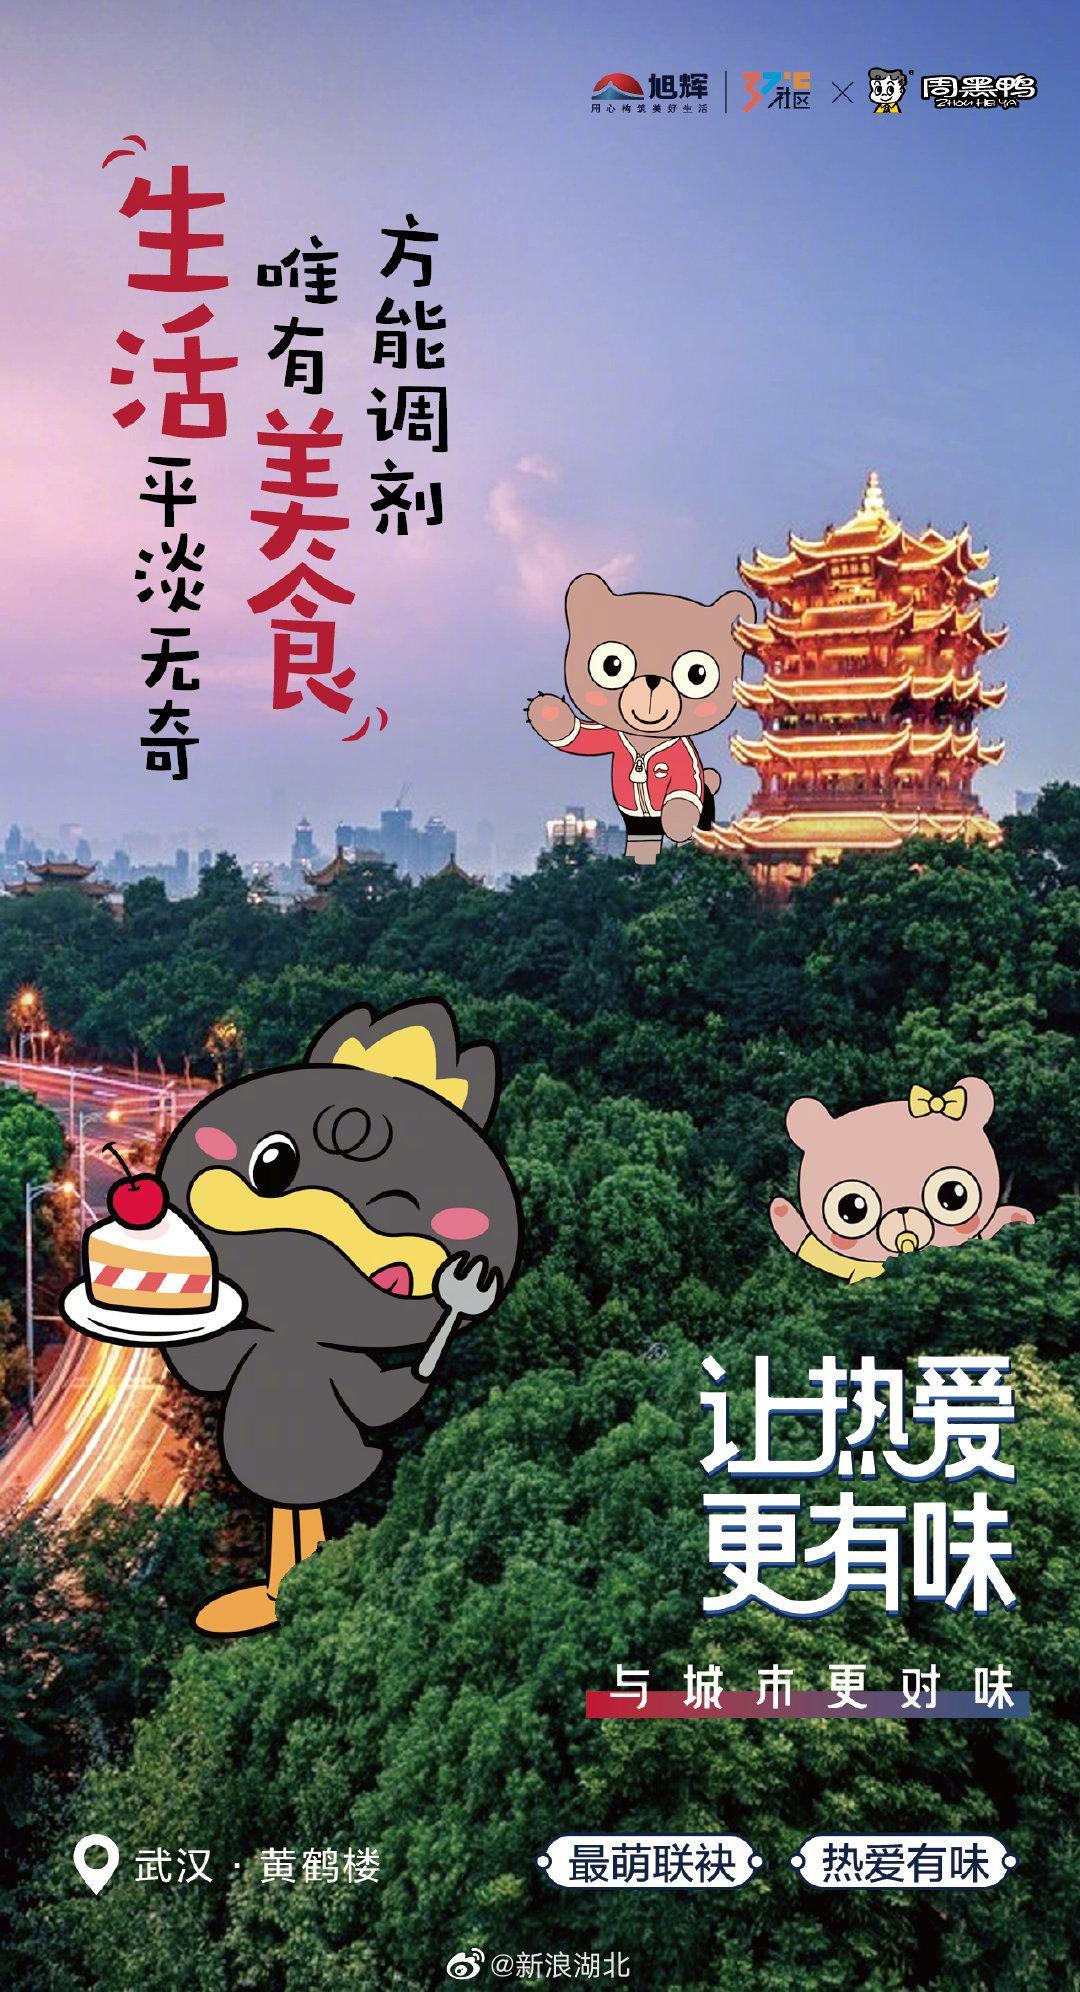 如果热爱有味道,对武汉来说,肯定是甜辣味的!